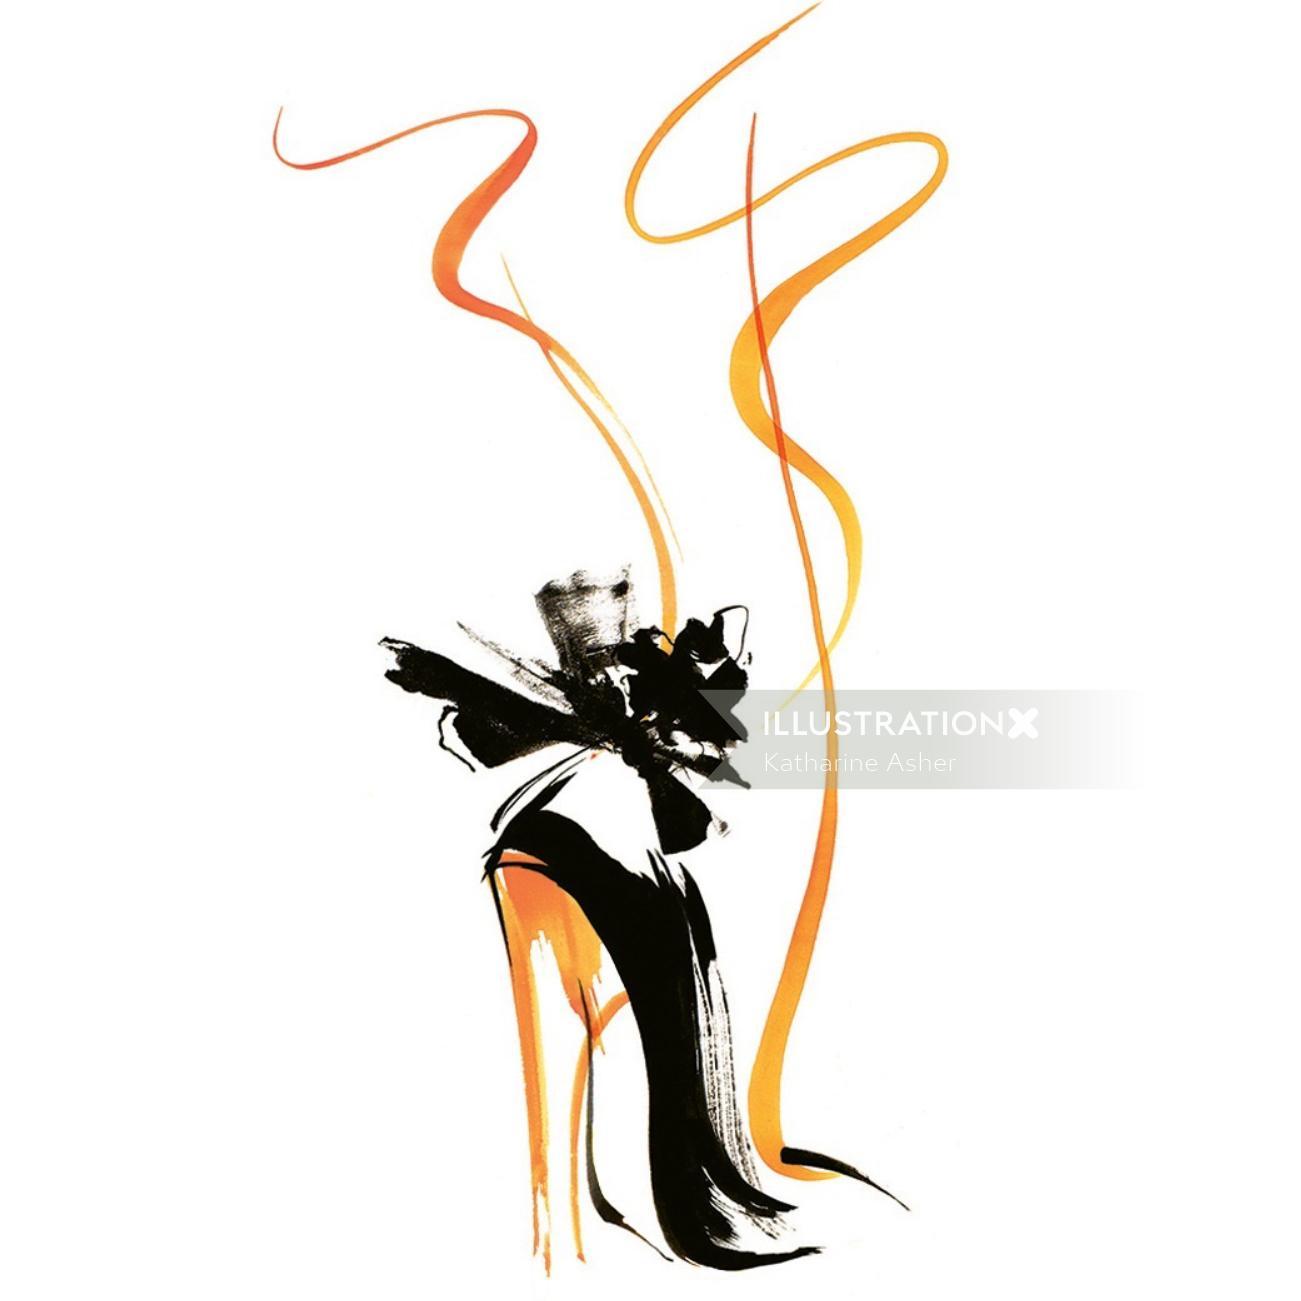 Ladies heels footwear illustration by Katharine Asher